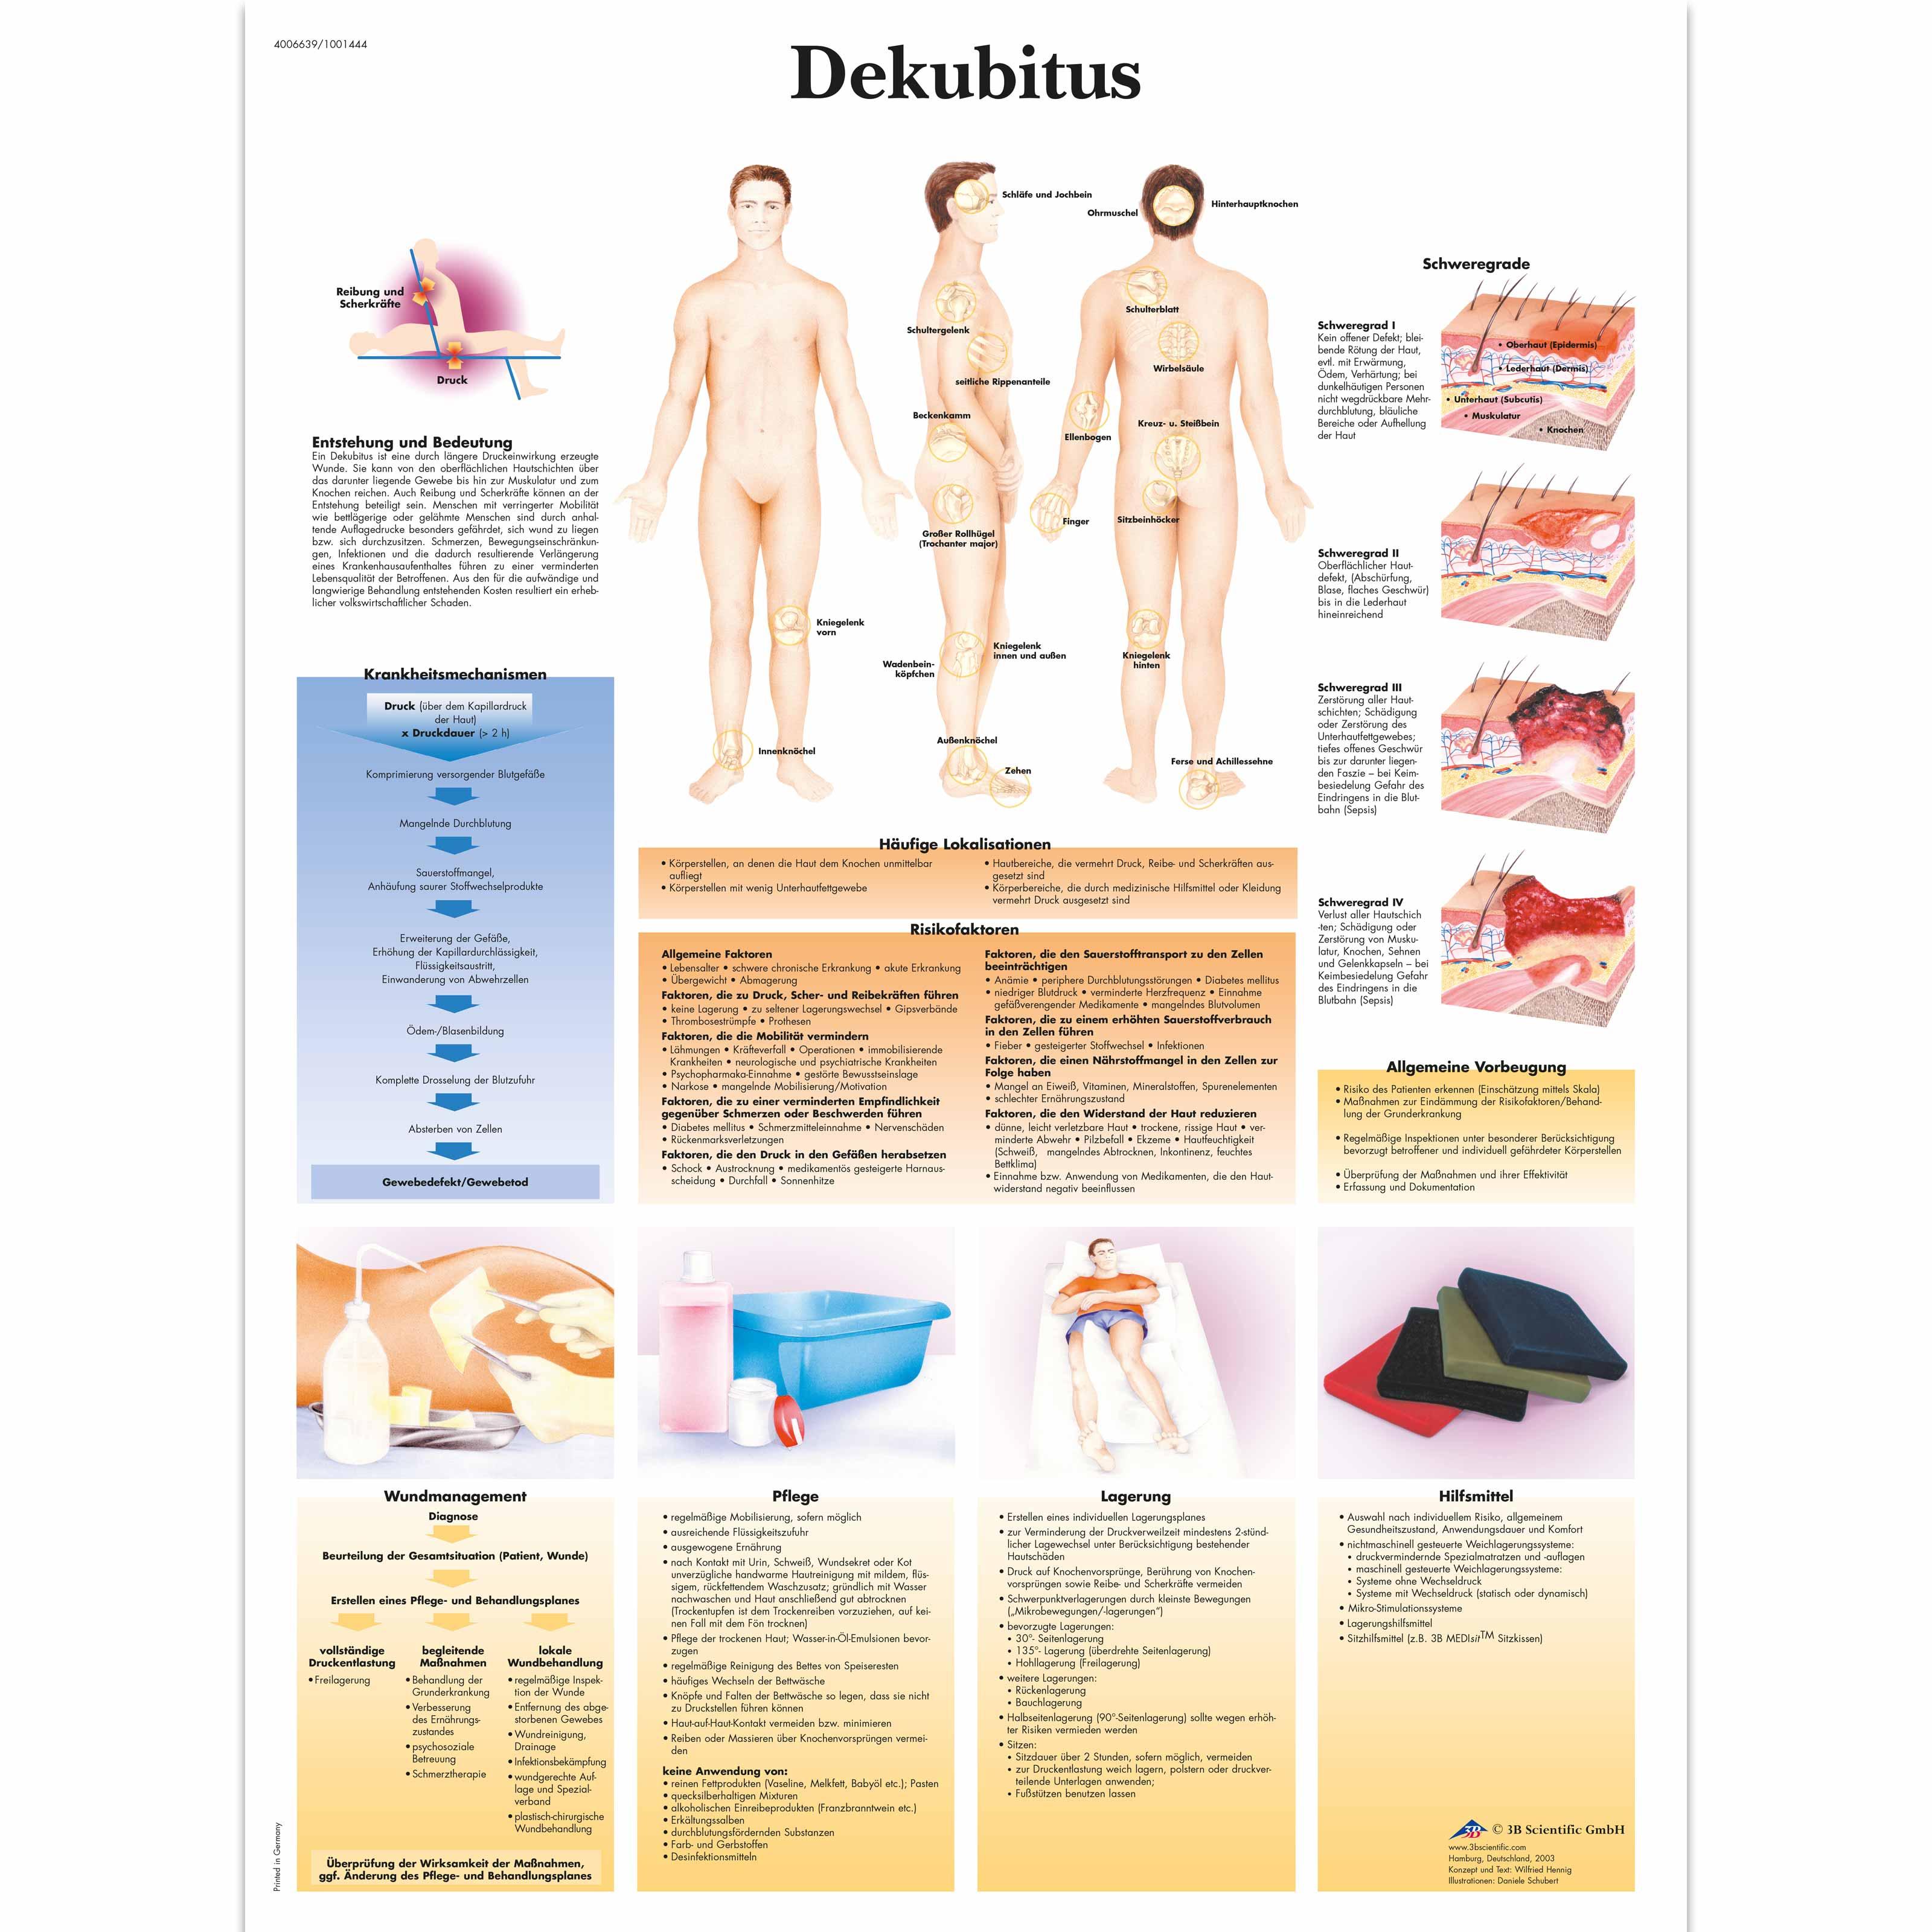 Dekubitus - 4006639 - VR0717UU - Skin - 3B Scientific